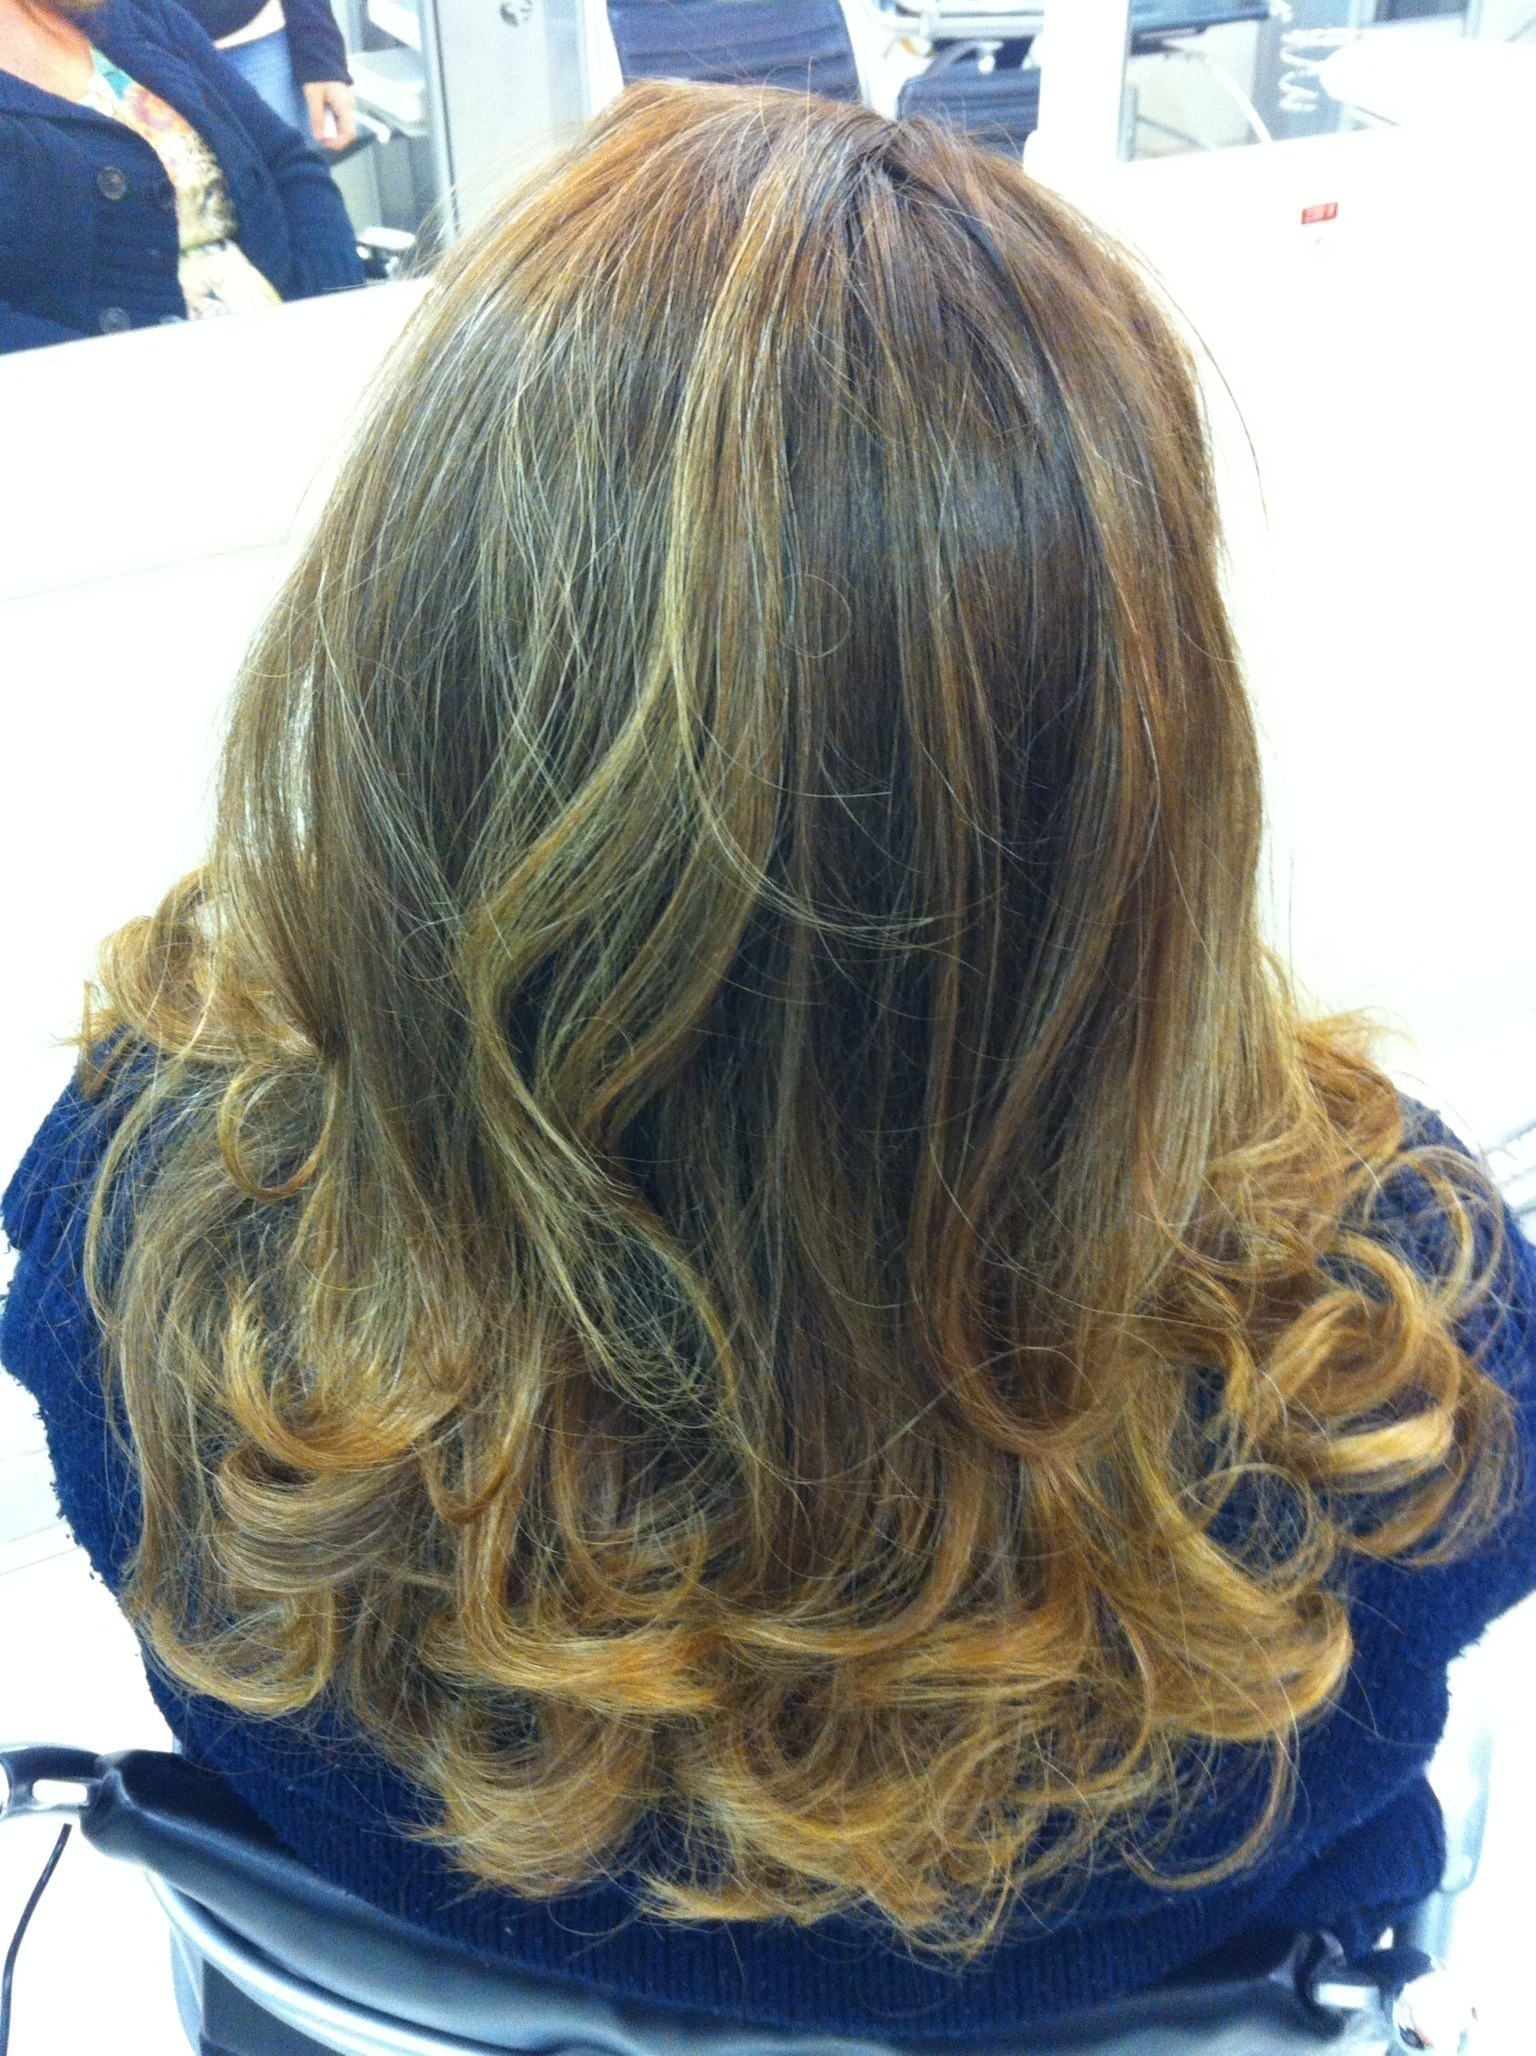 COLORACAO COM CORRECAO DE REFLEXOS coloração, ombre hair, correção cabelo  cabeleireiro(a) maquiador(a)